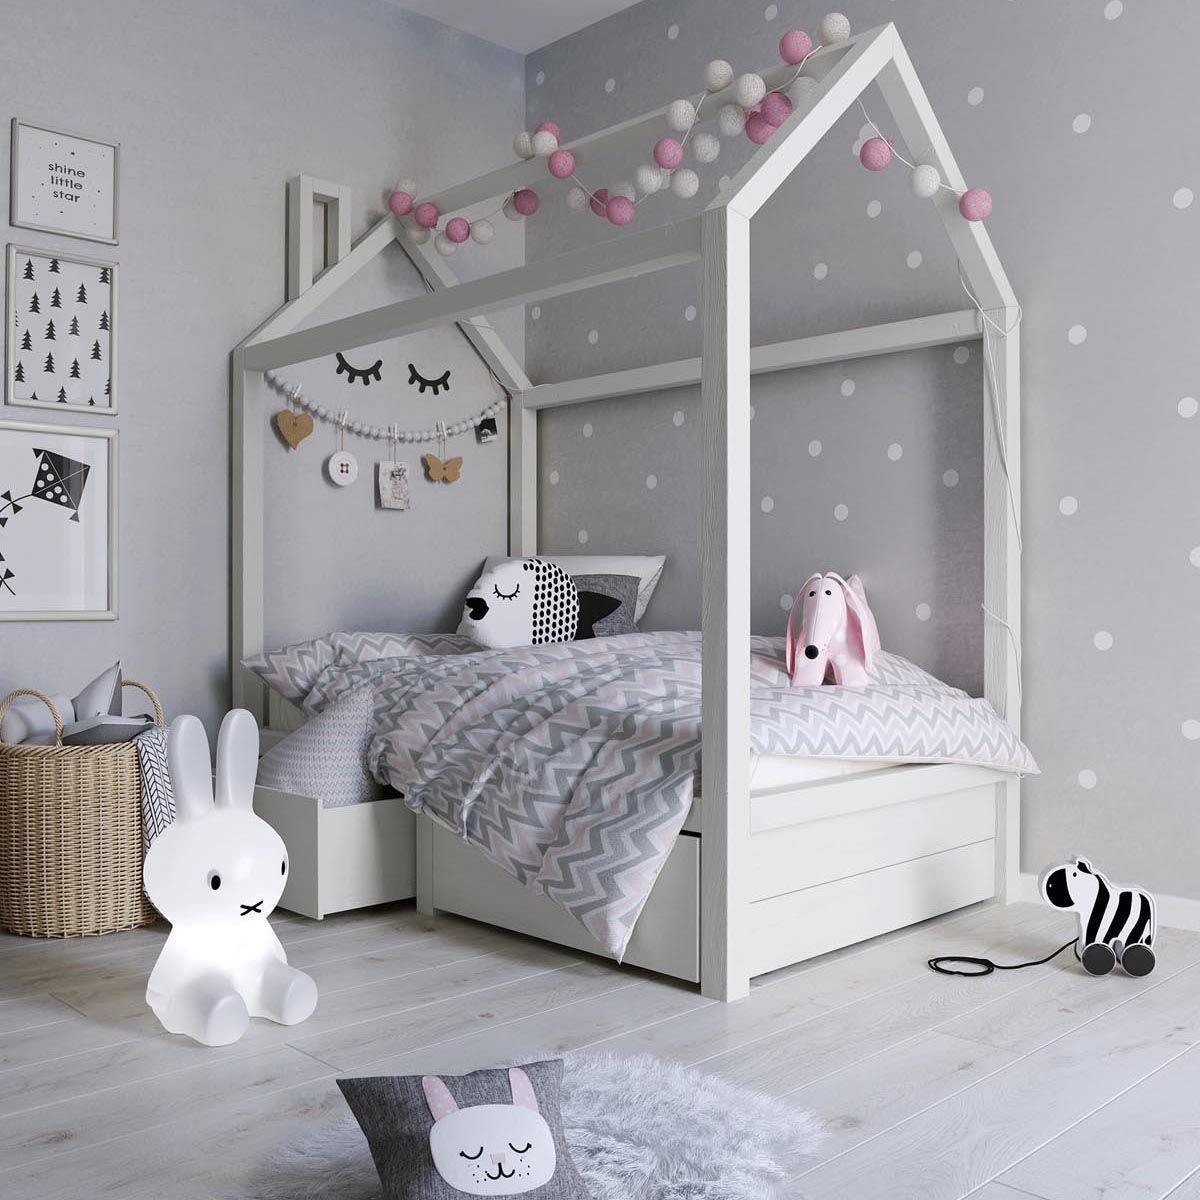 Khung giường gỗ và giấy dán tường xám chấm bi